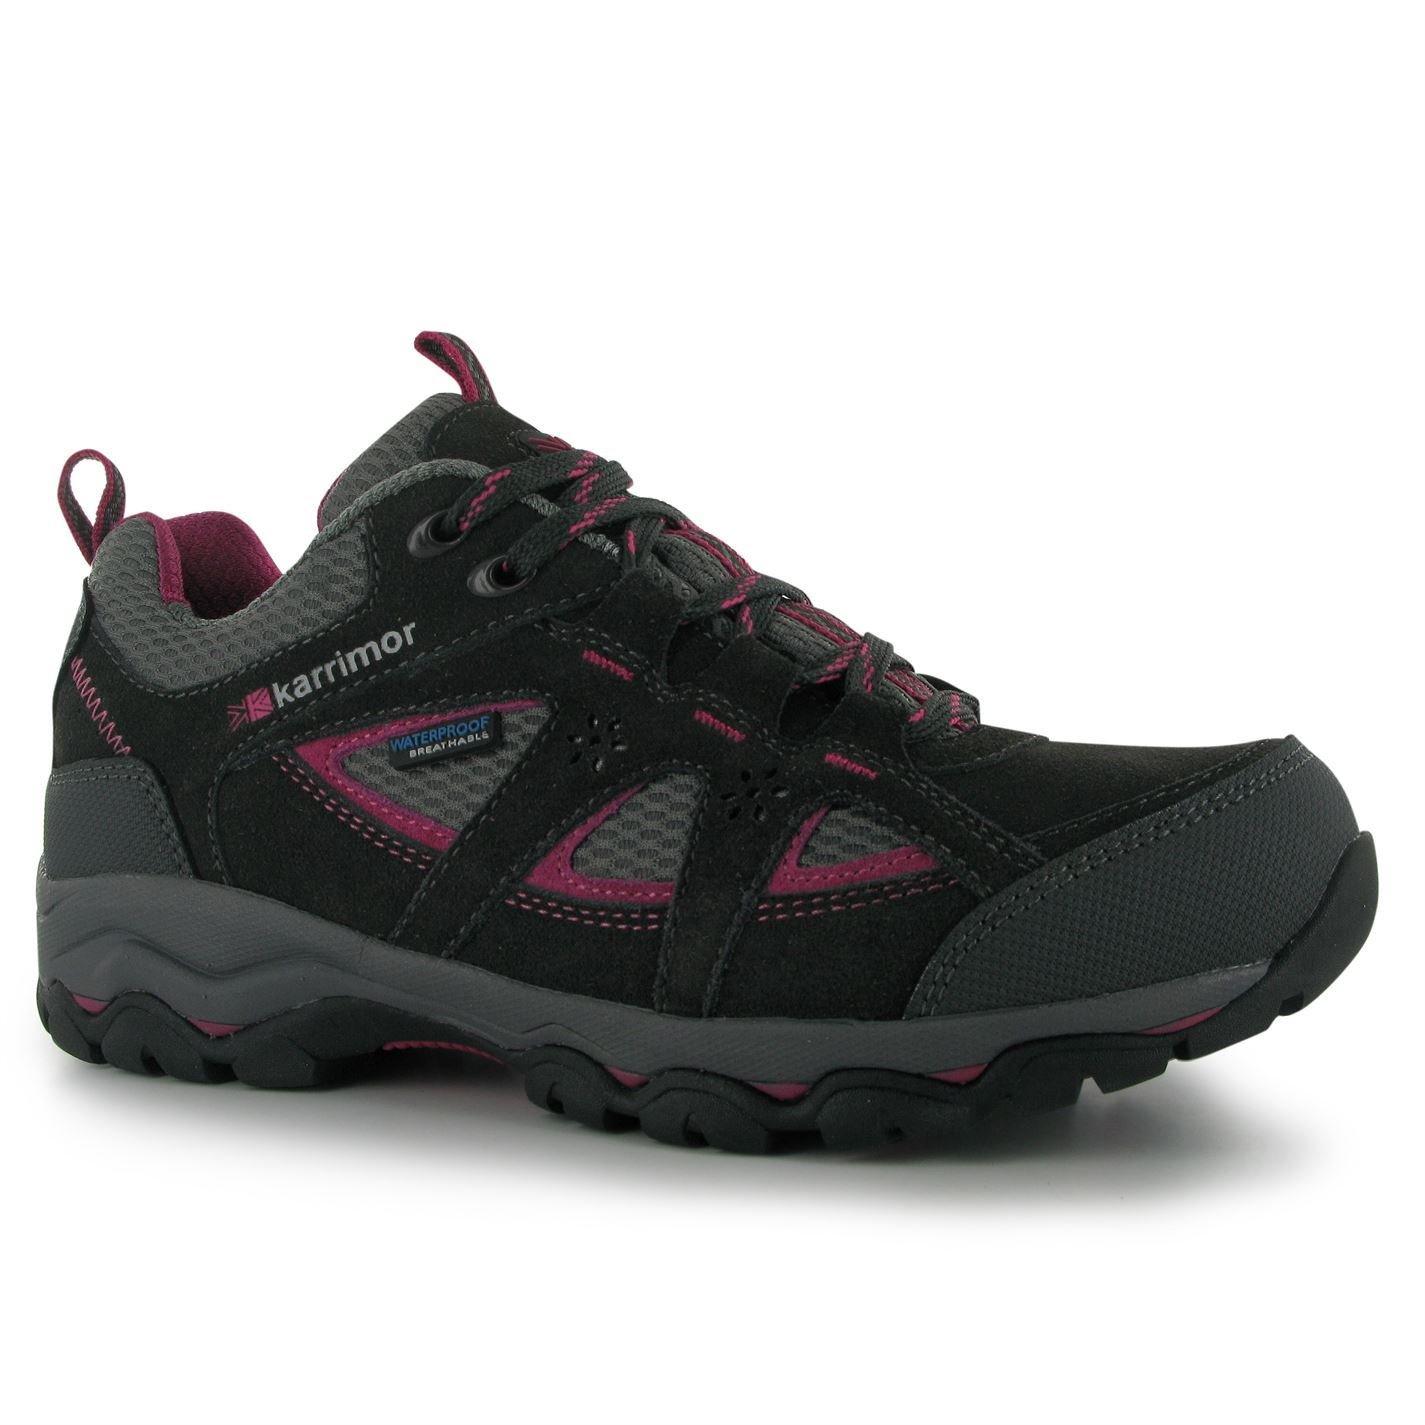 Karrimor Mens Mount Low Sports Outdoors Sepatu Ladies Walking Shoe